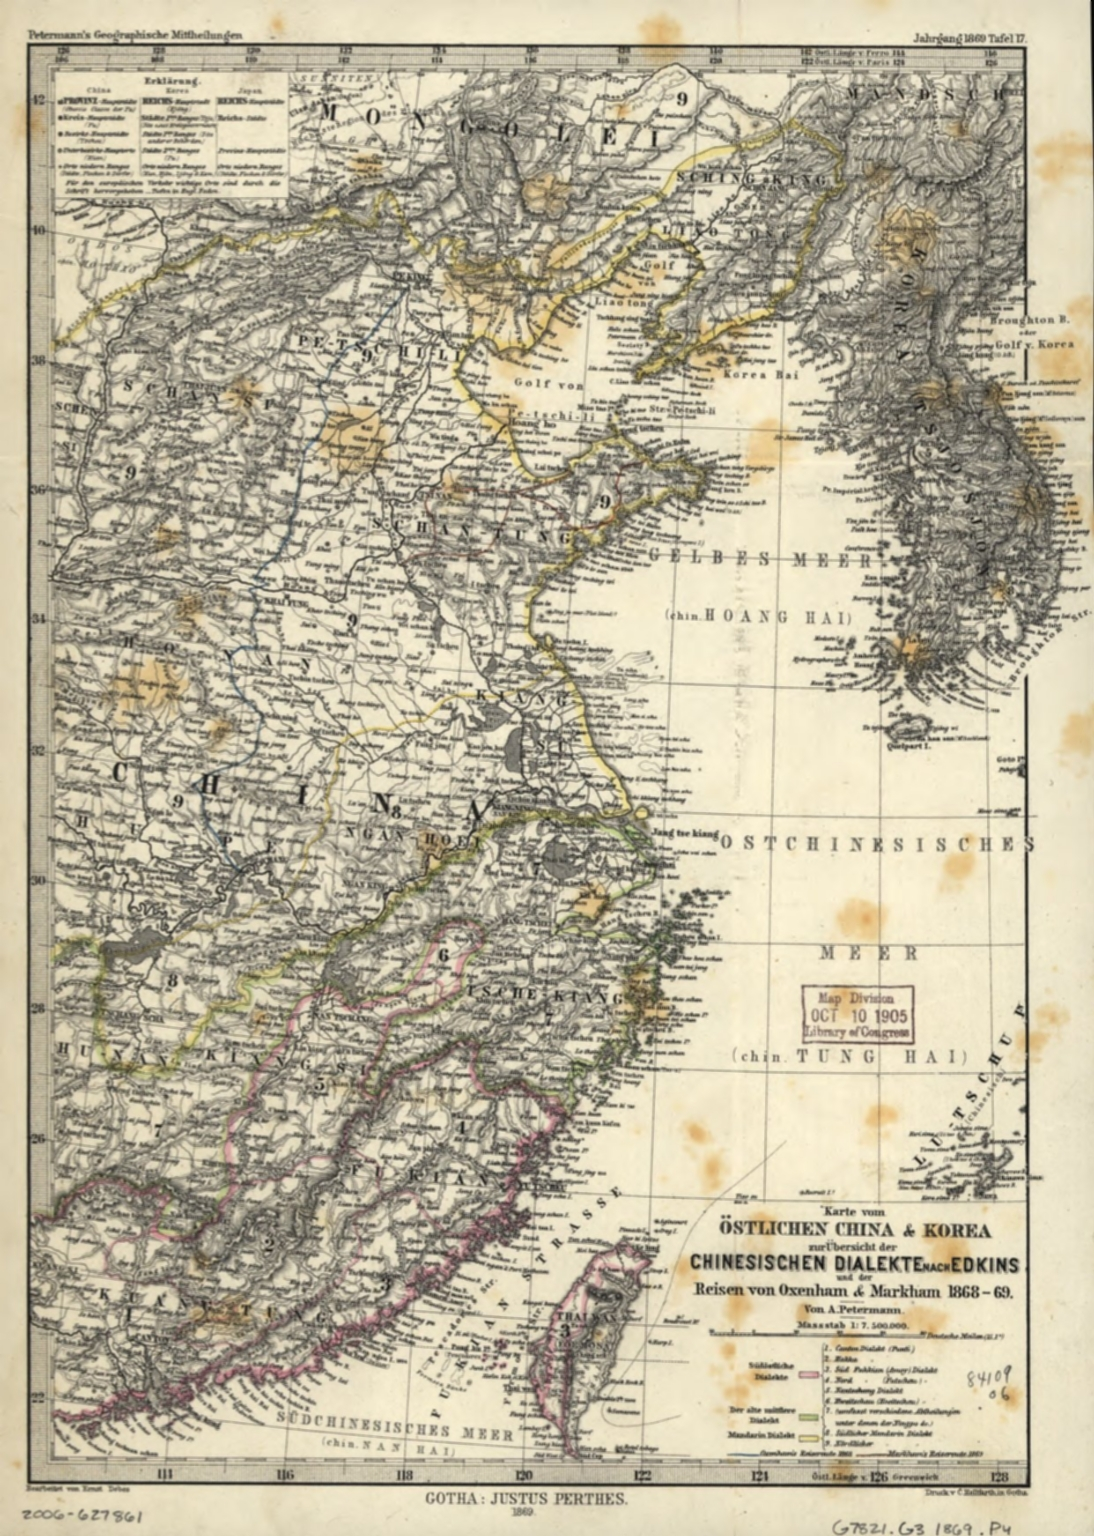 Karte vom östlichen China & Korea zur Übersicht der chinesischen Dialekte nach Edkins und der Reisen von Oxenham & Markham 1868-69